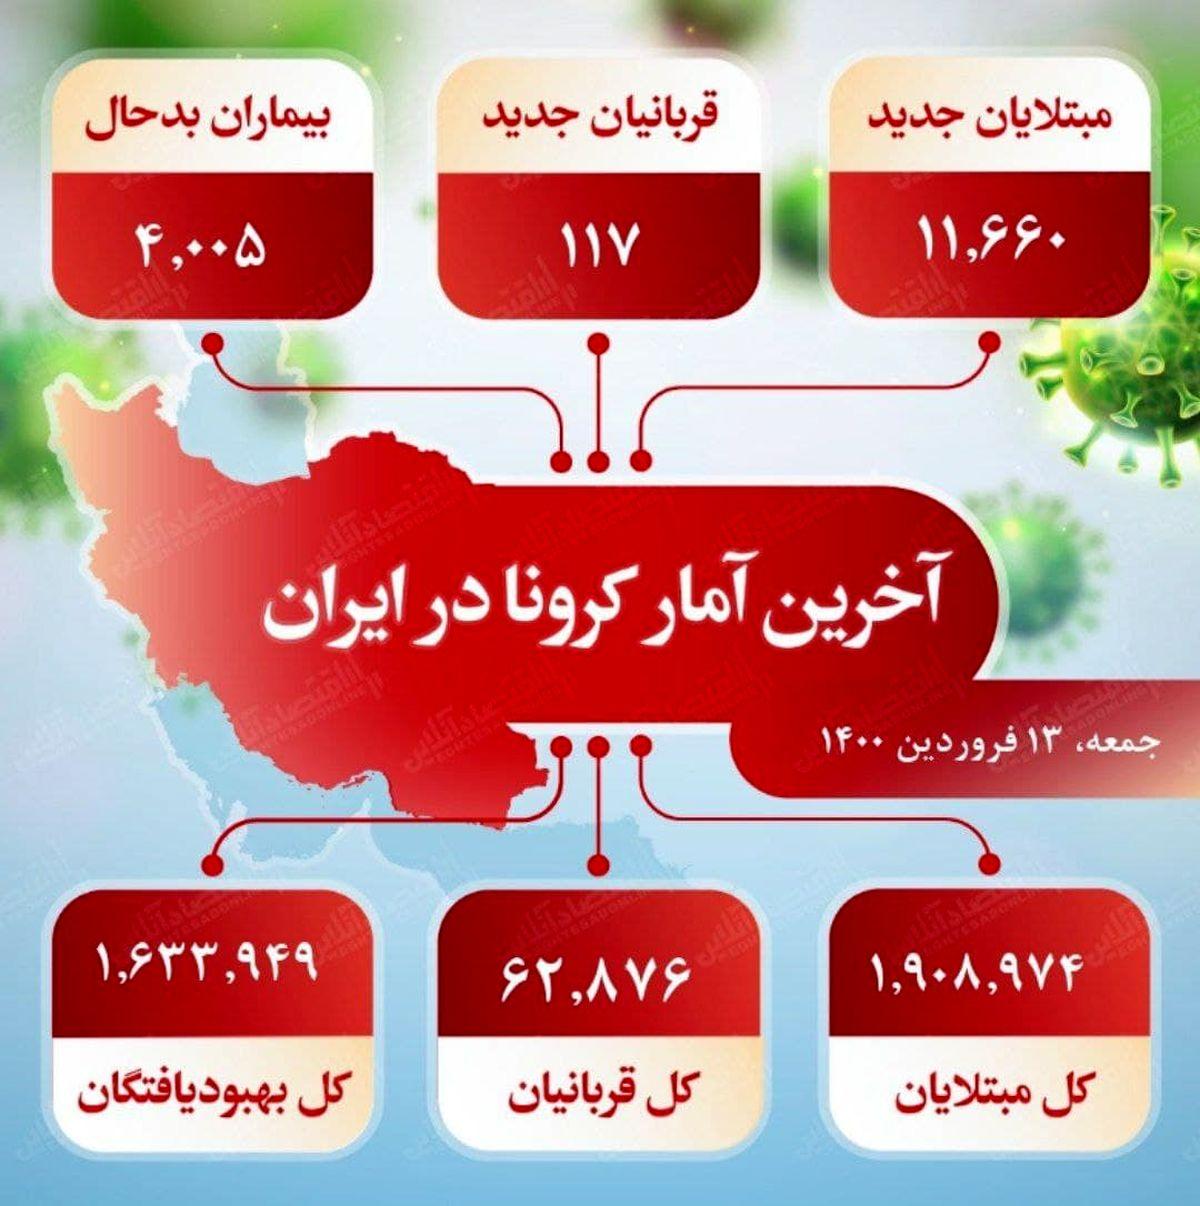 آخرین آمار کرونا در ایران (۱۴۰۰/۱/۱۳)